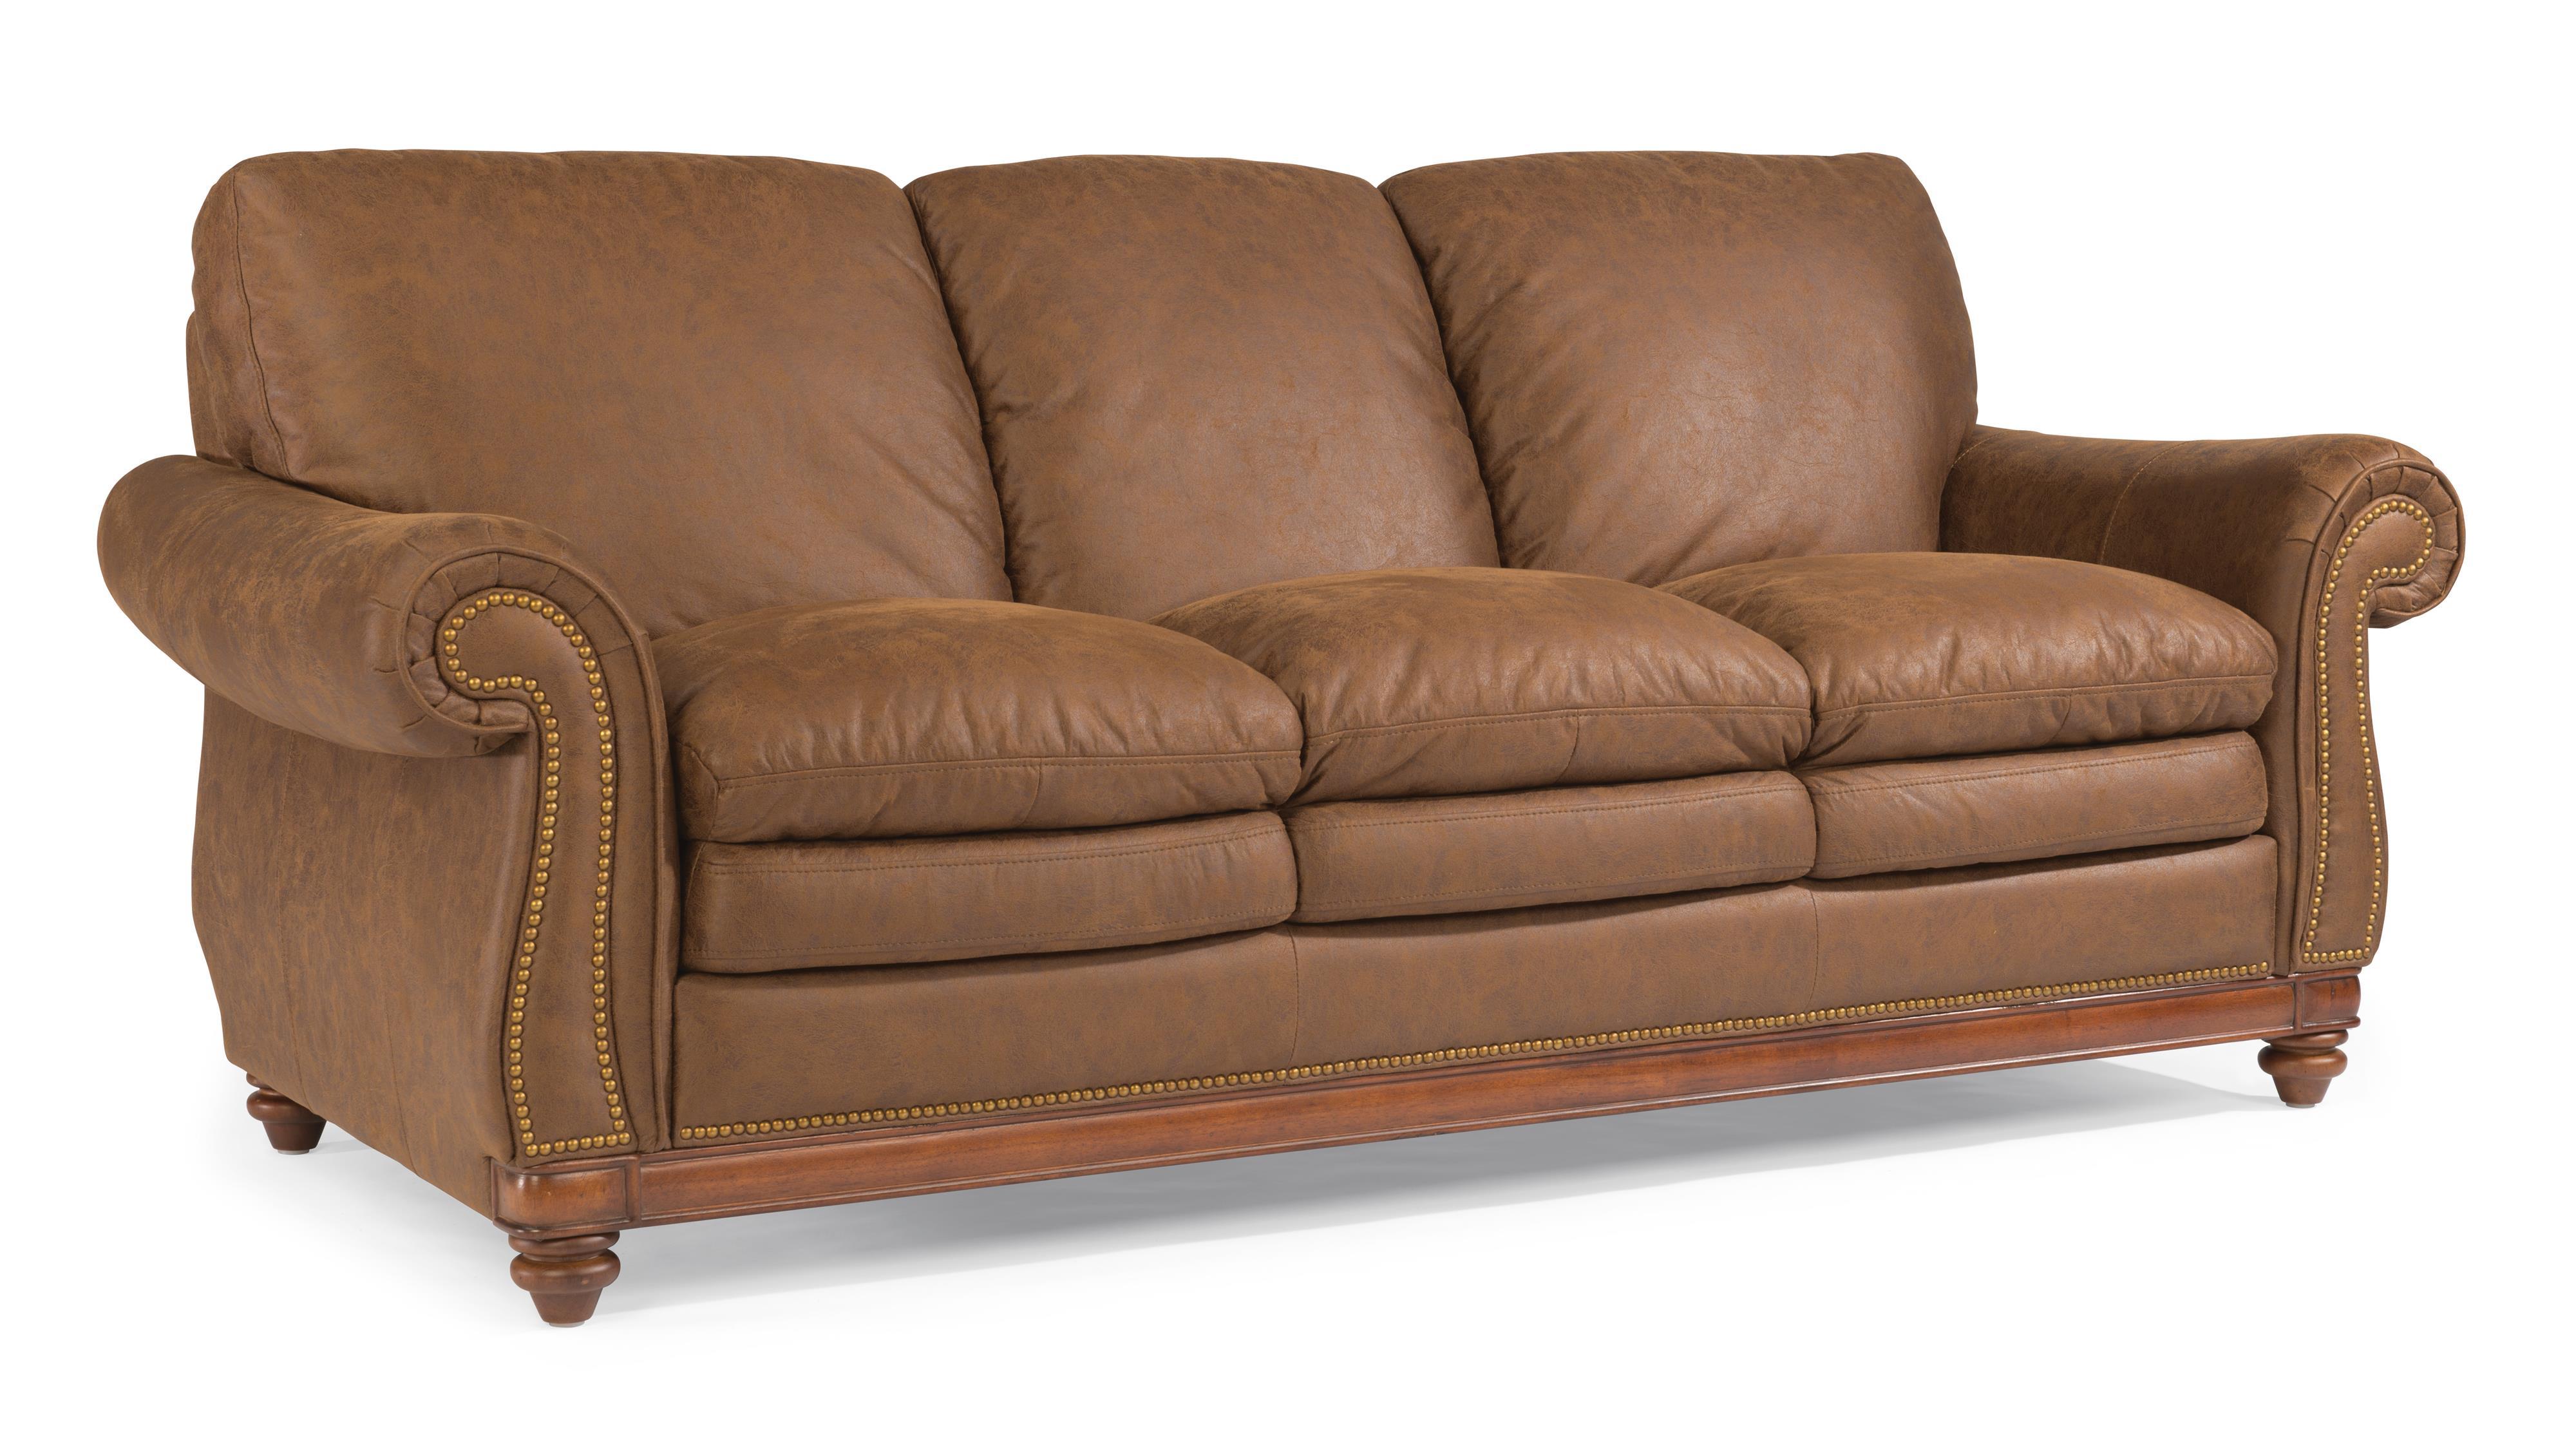 Flexsteel Belvedere Sofa - Item Number: 1605-31